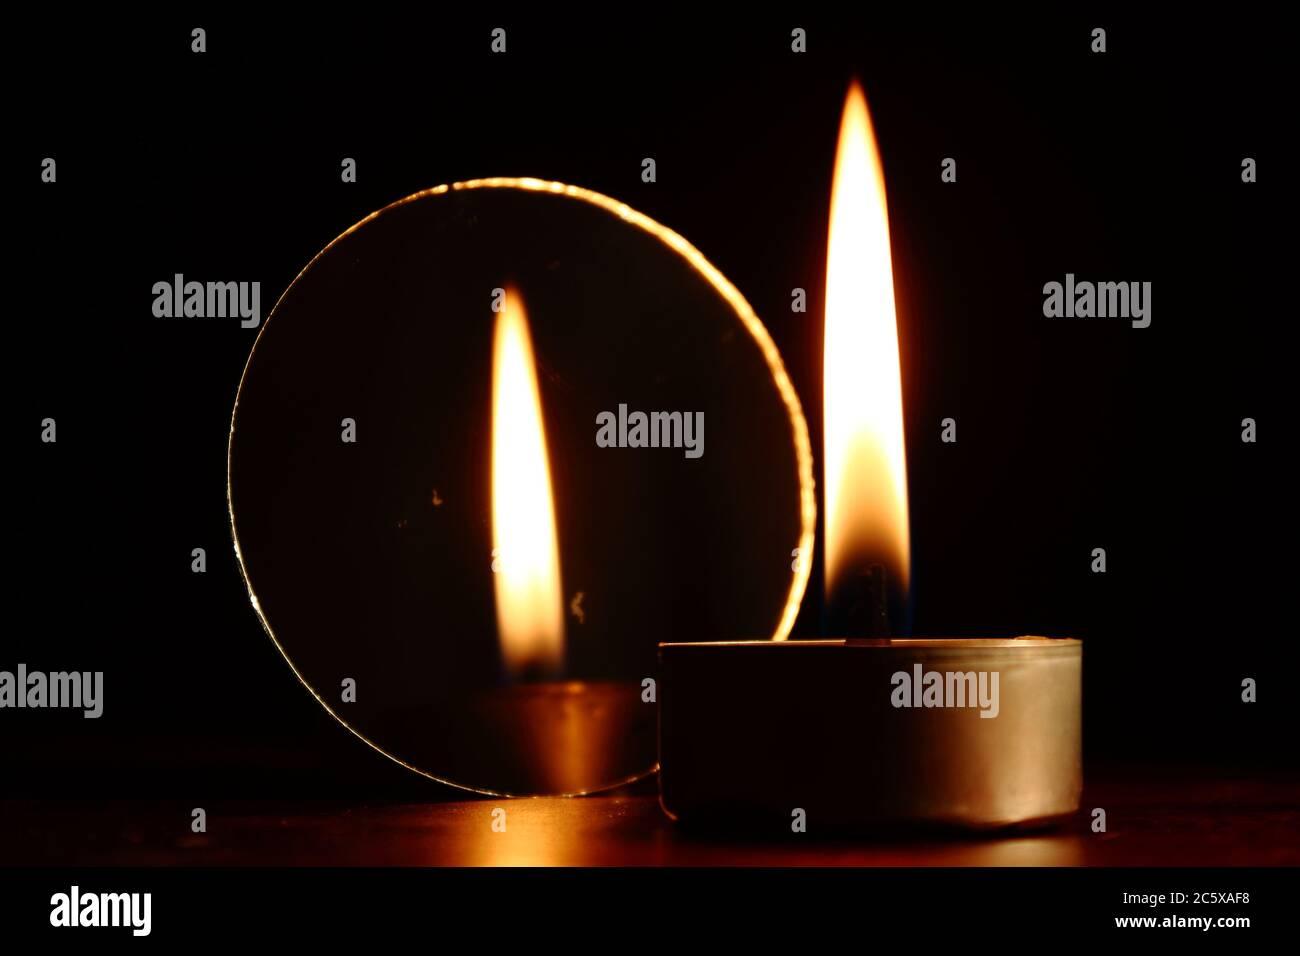 bougie allumée à côté d'un miroir montrant son reflet, arrière-plan sombre Banque D'Images